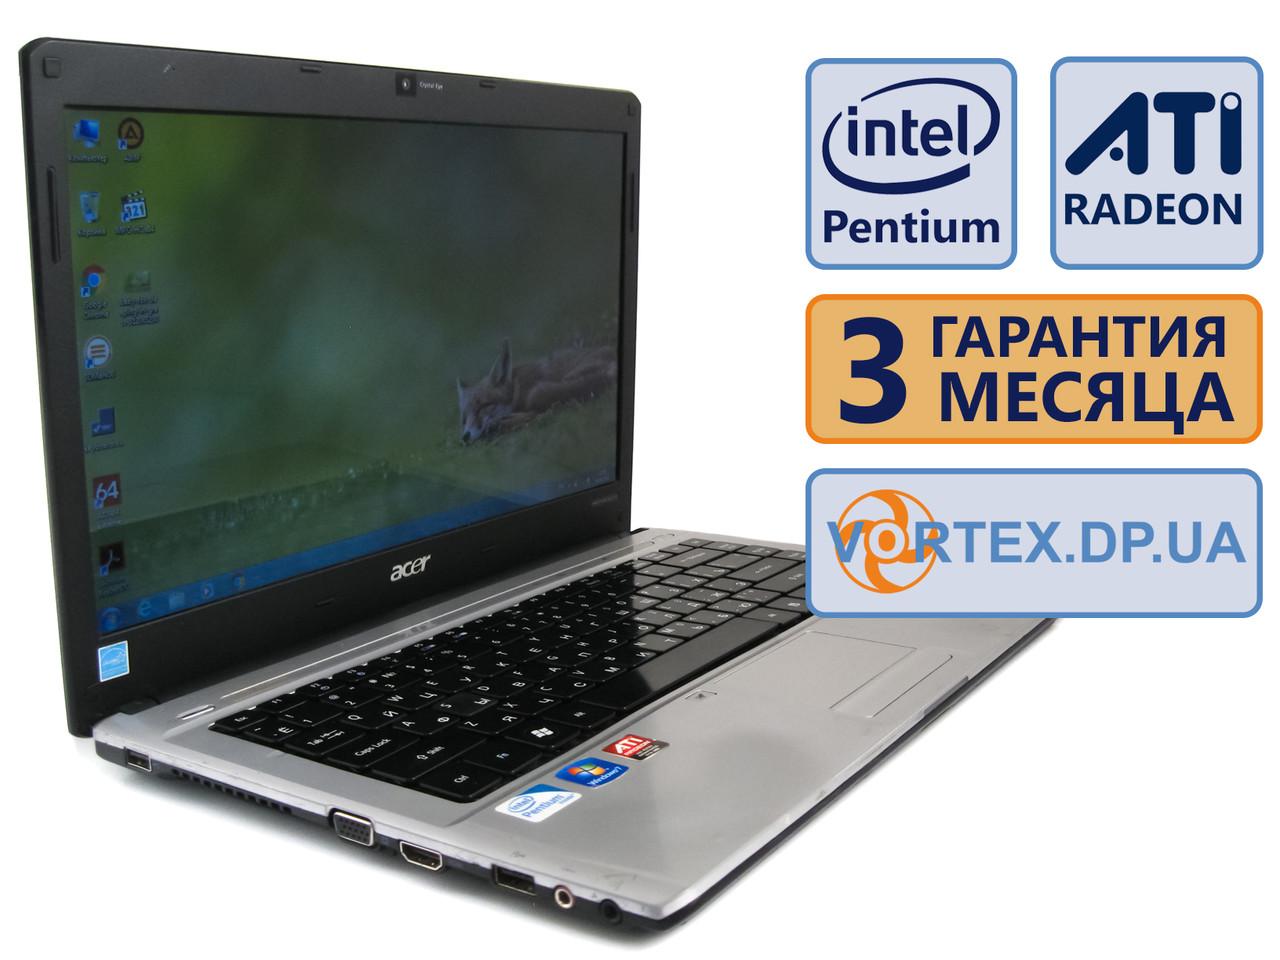 Уценка! Ноутбук Acer Aspire 4810TZ 14 (1366x768) / Intel Pentium SU410